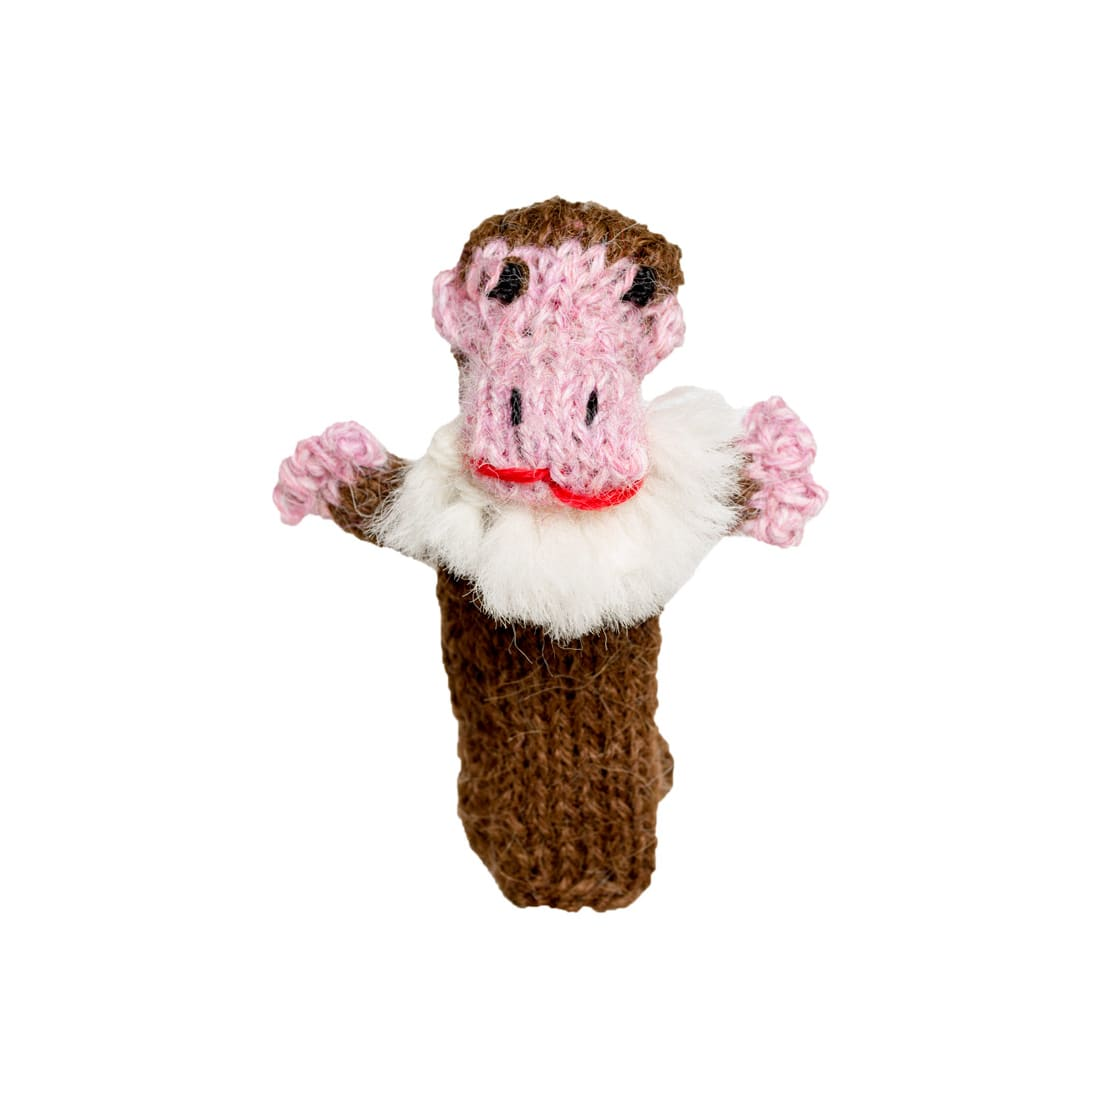 UKP217A Monkey with Beard